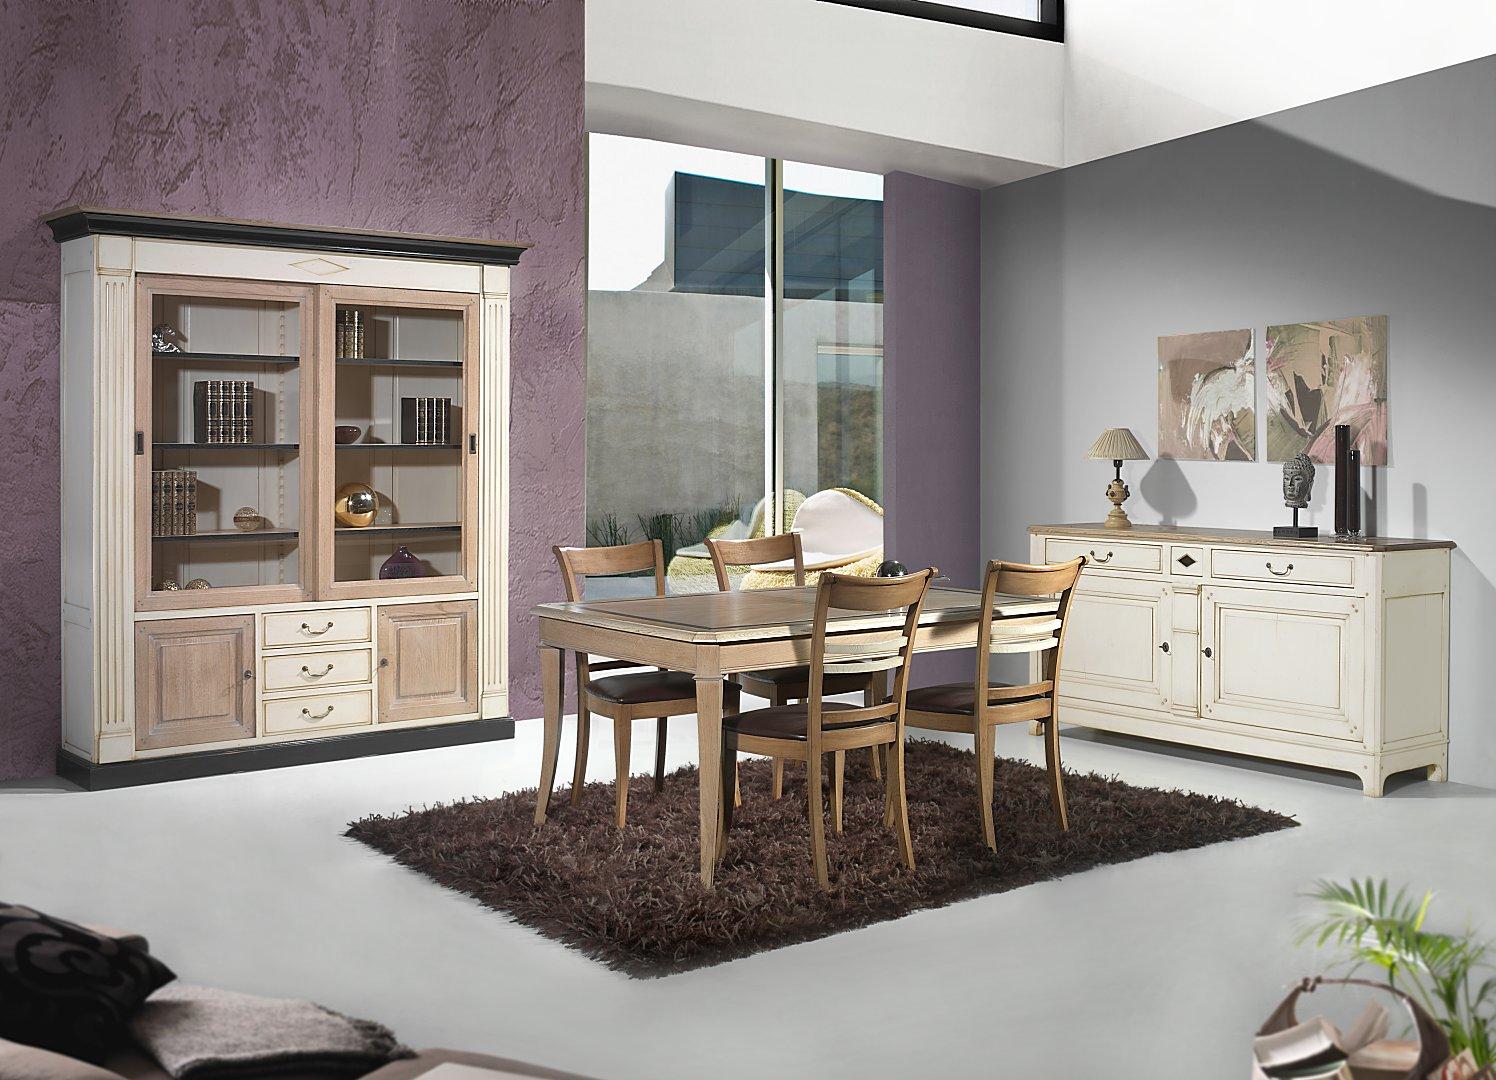 Ronfe sal n estilo industrial muebles anto n for Muebles estilo industrial baratos